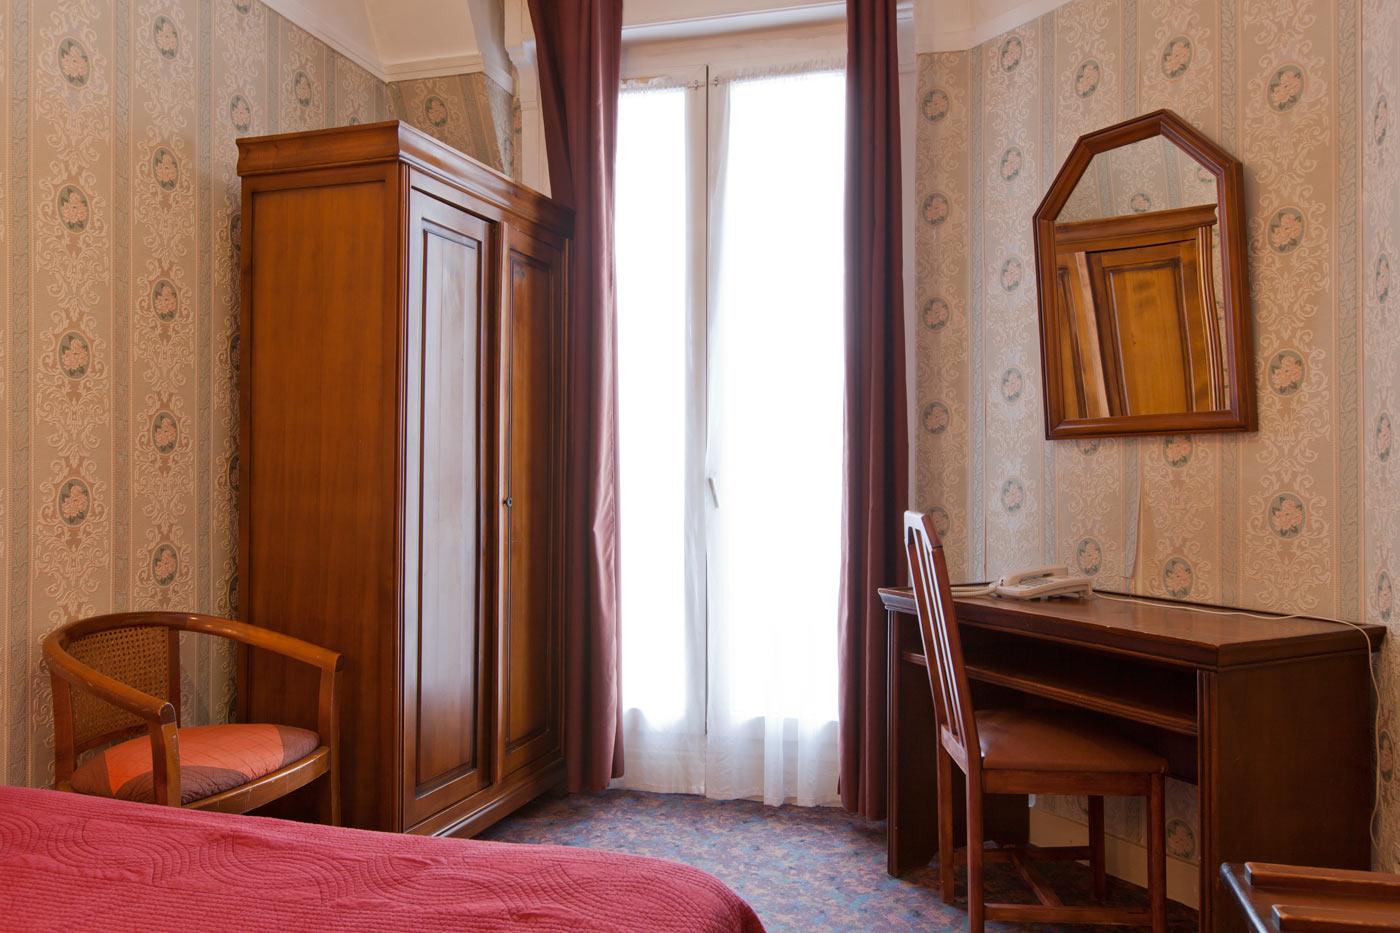 Hôtel Ambassadeur - Double room